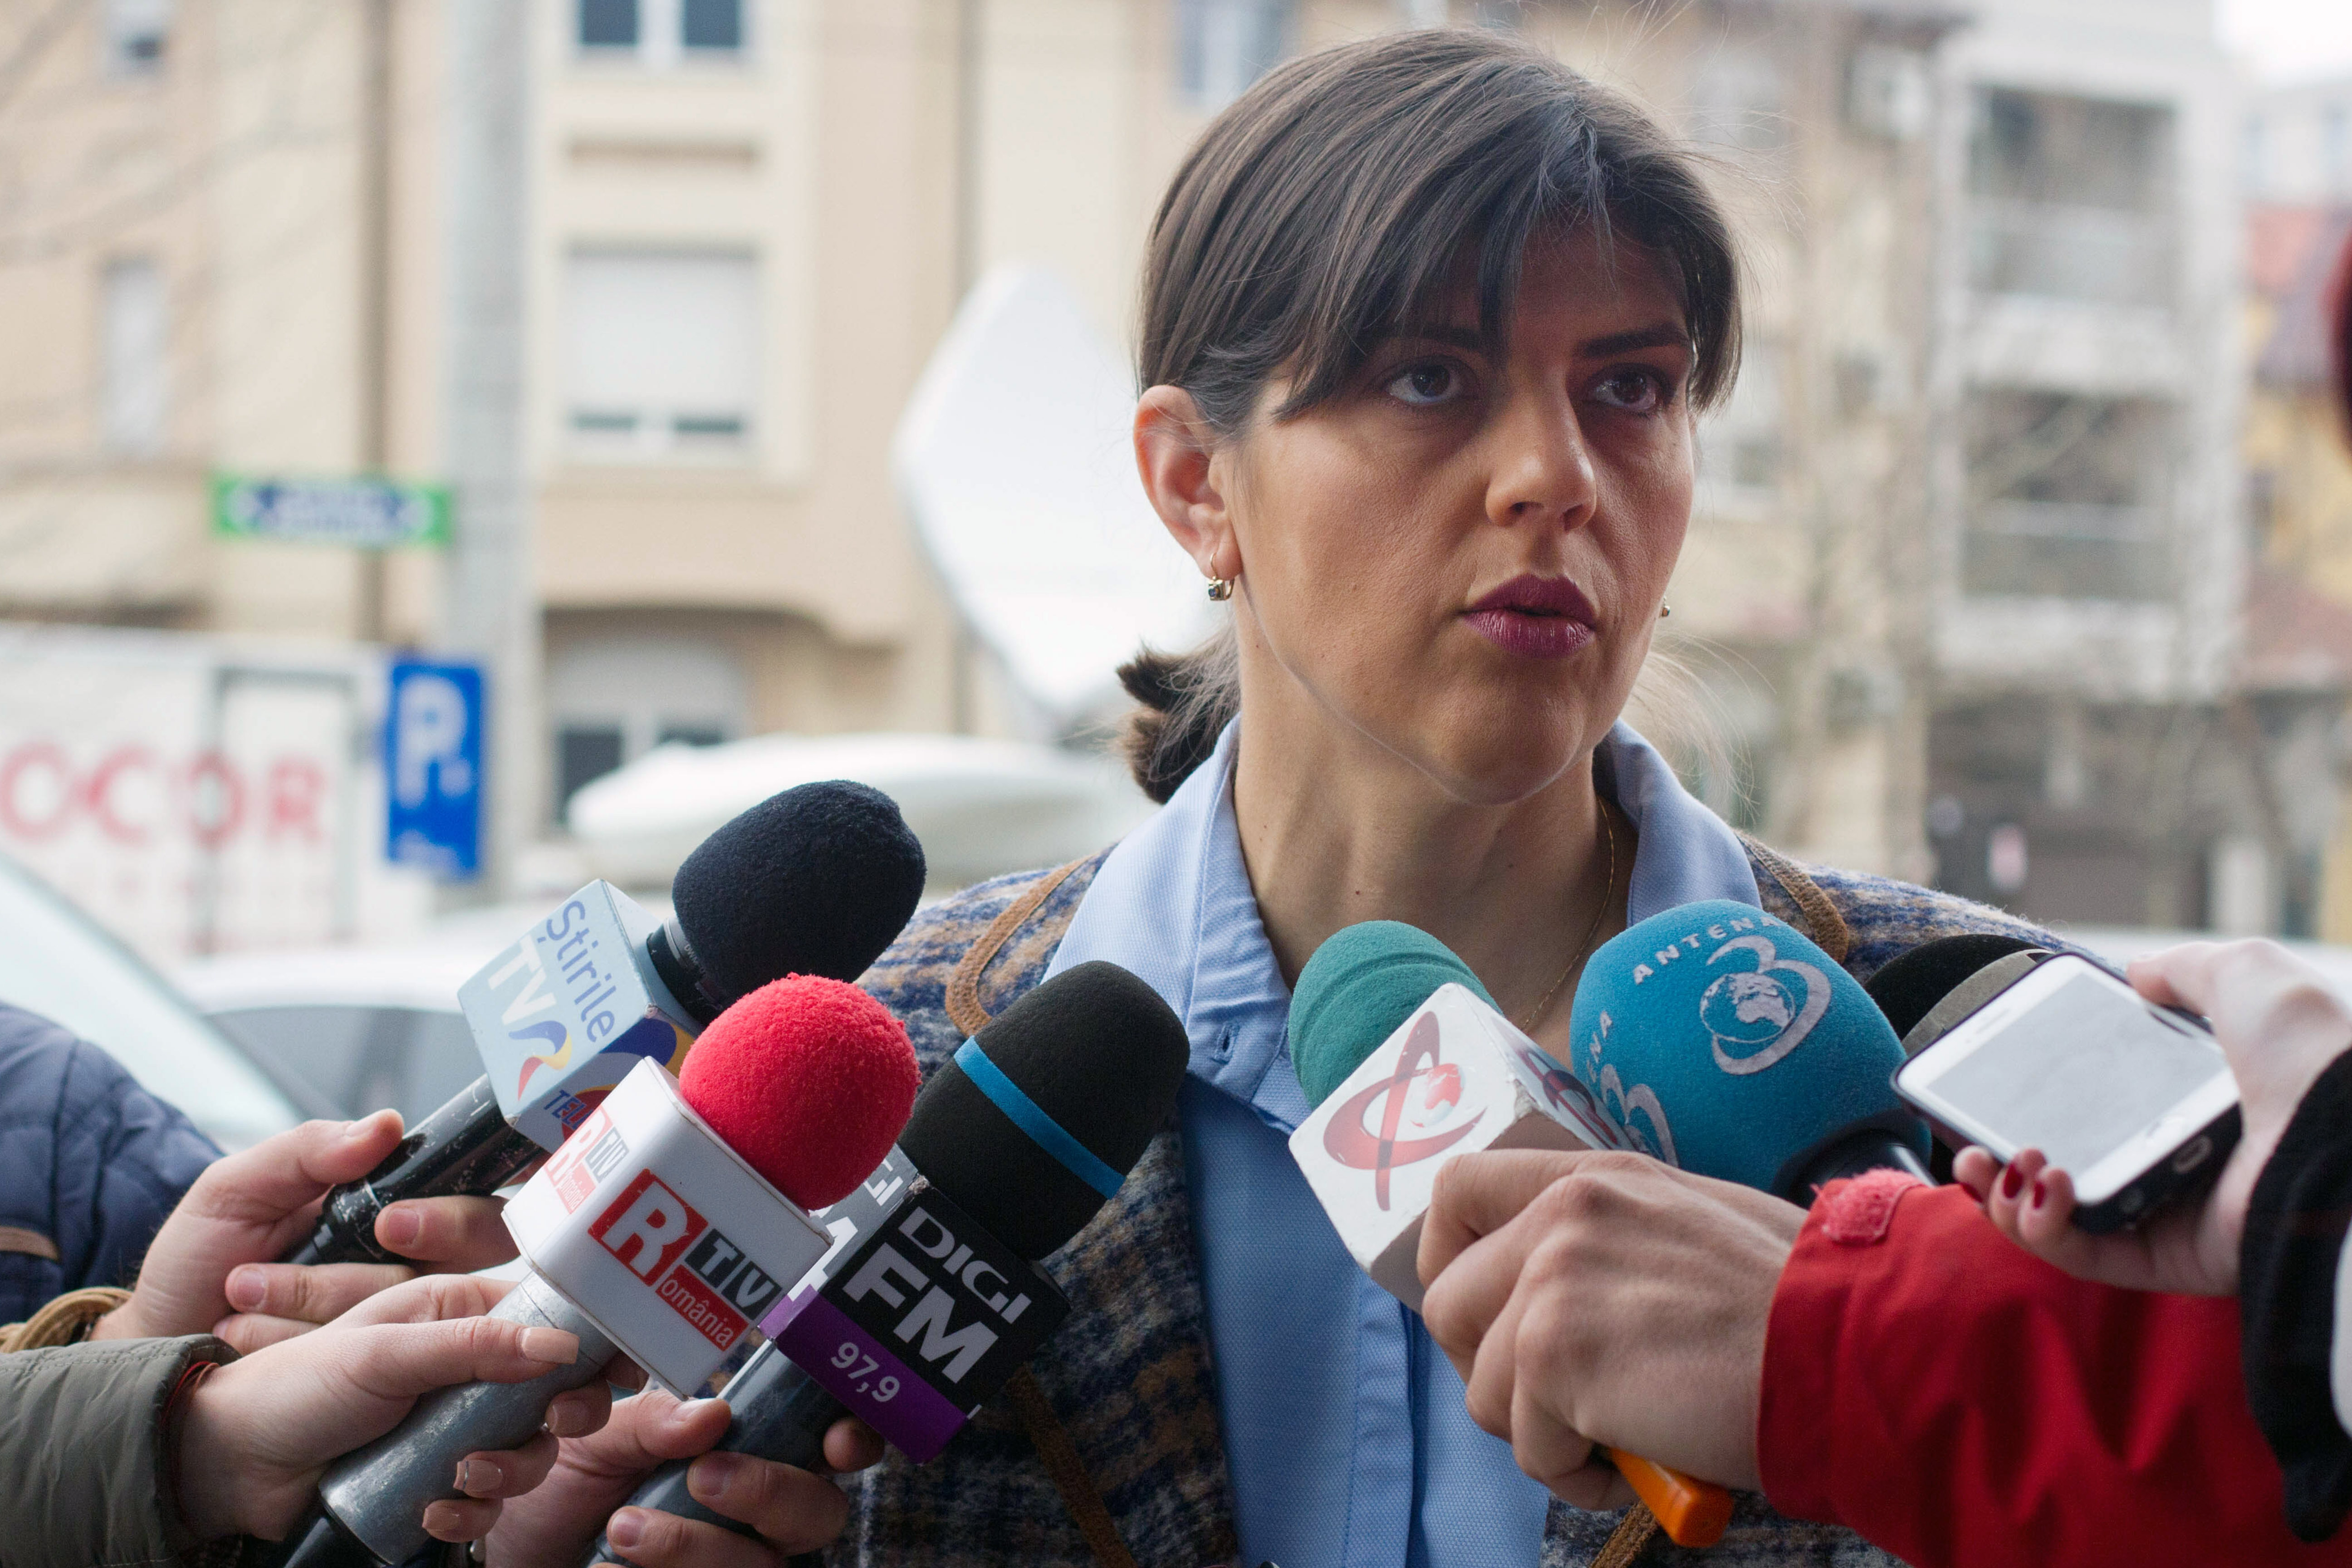 Laura Codruţa Kovesi, despre înregistrările apărute în spaţiul public: Înregistrările prezentate la TV nu sunt autentice. Sunt expresii pe care nu le folosesc